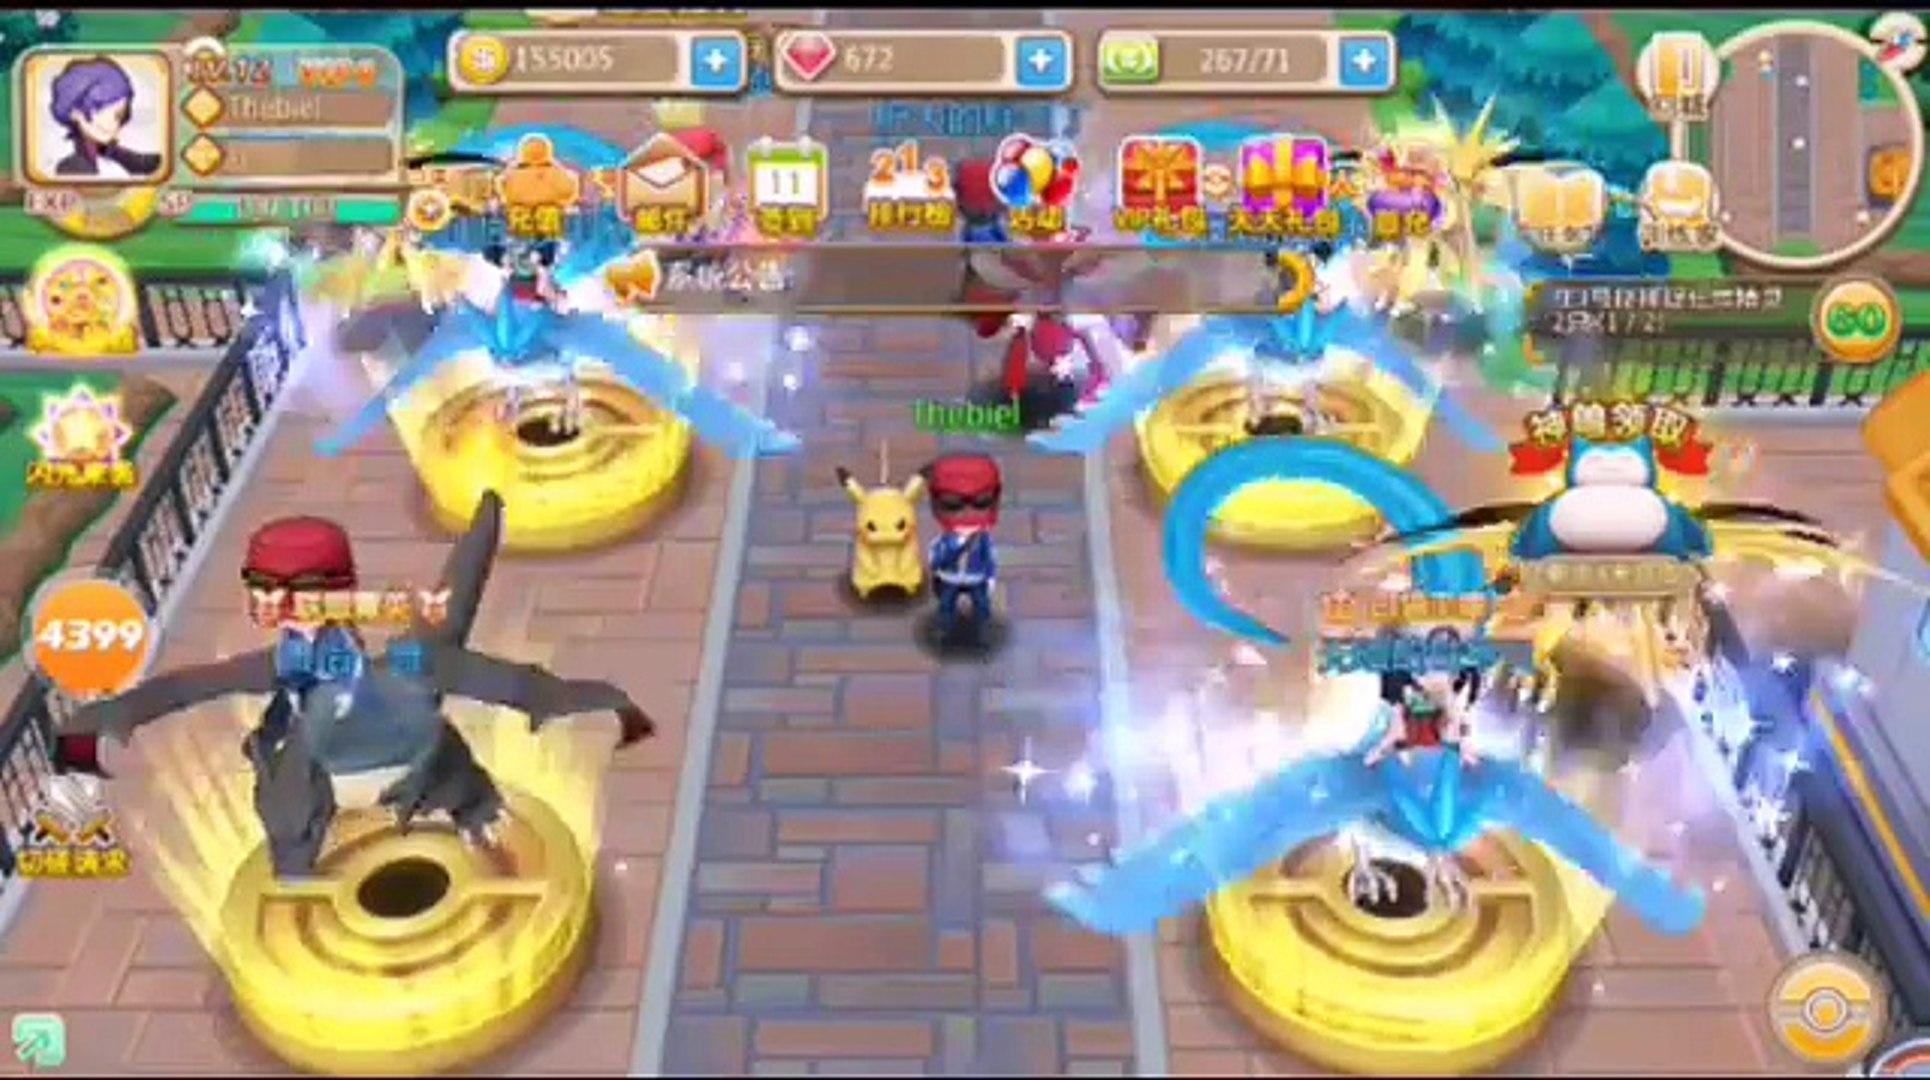 Melhor que Pokémon GO - Pokémon Remake Gameplay Android / iOS